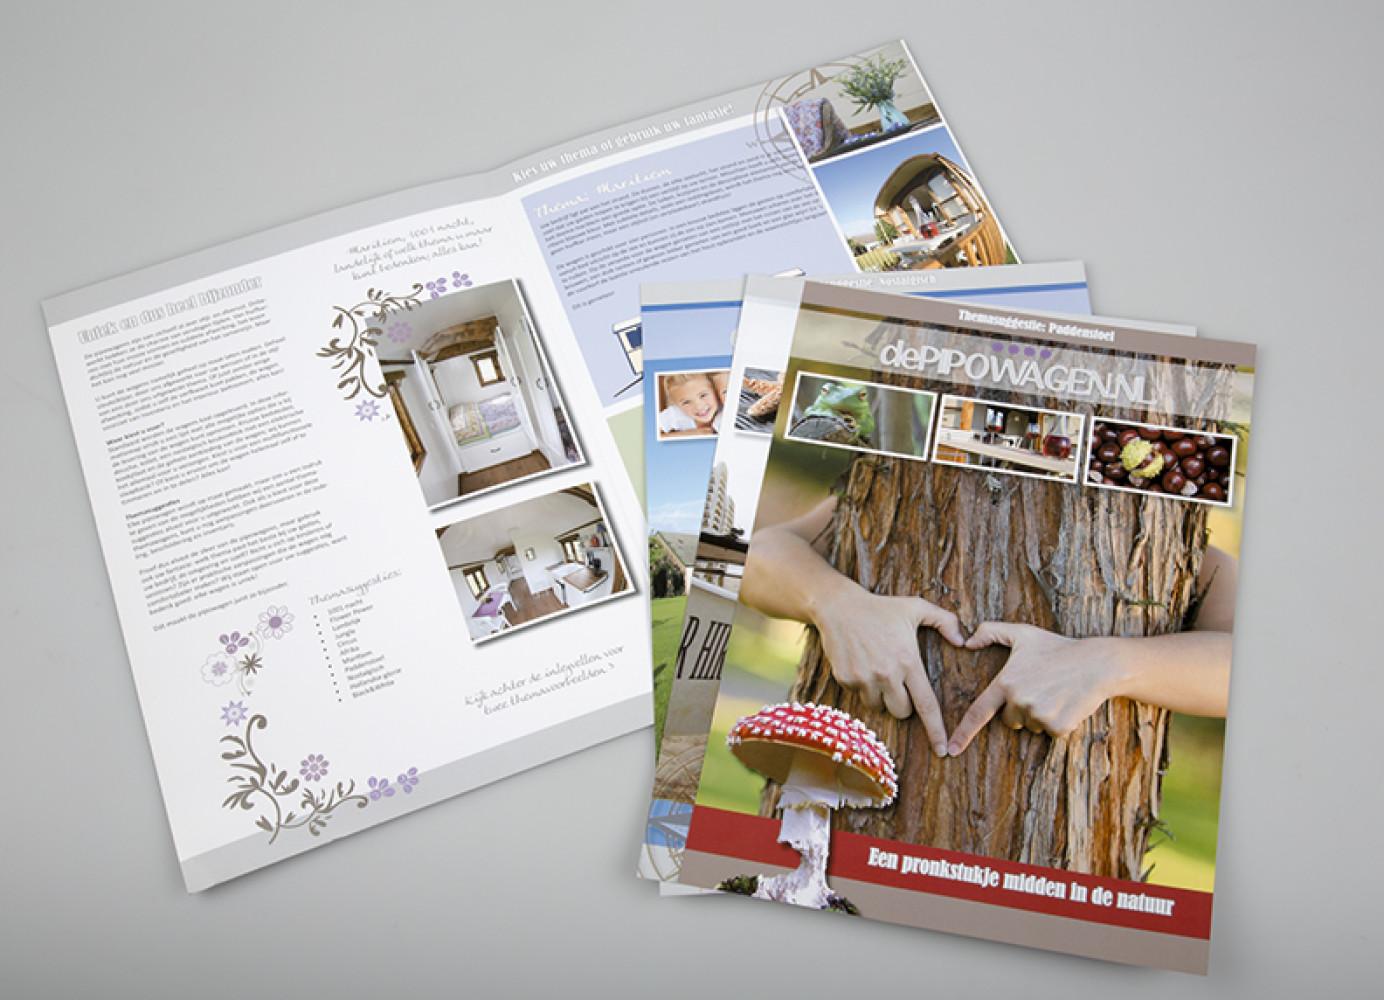 Door de handige insteekmap met losse flyers kan de brochure snel, eenvoudig en met weinig kosten geupdate worden